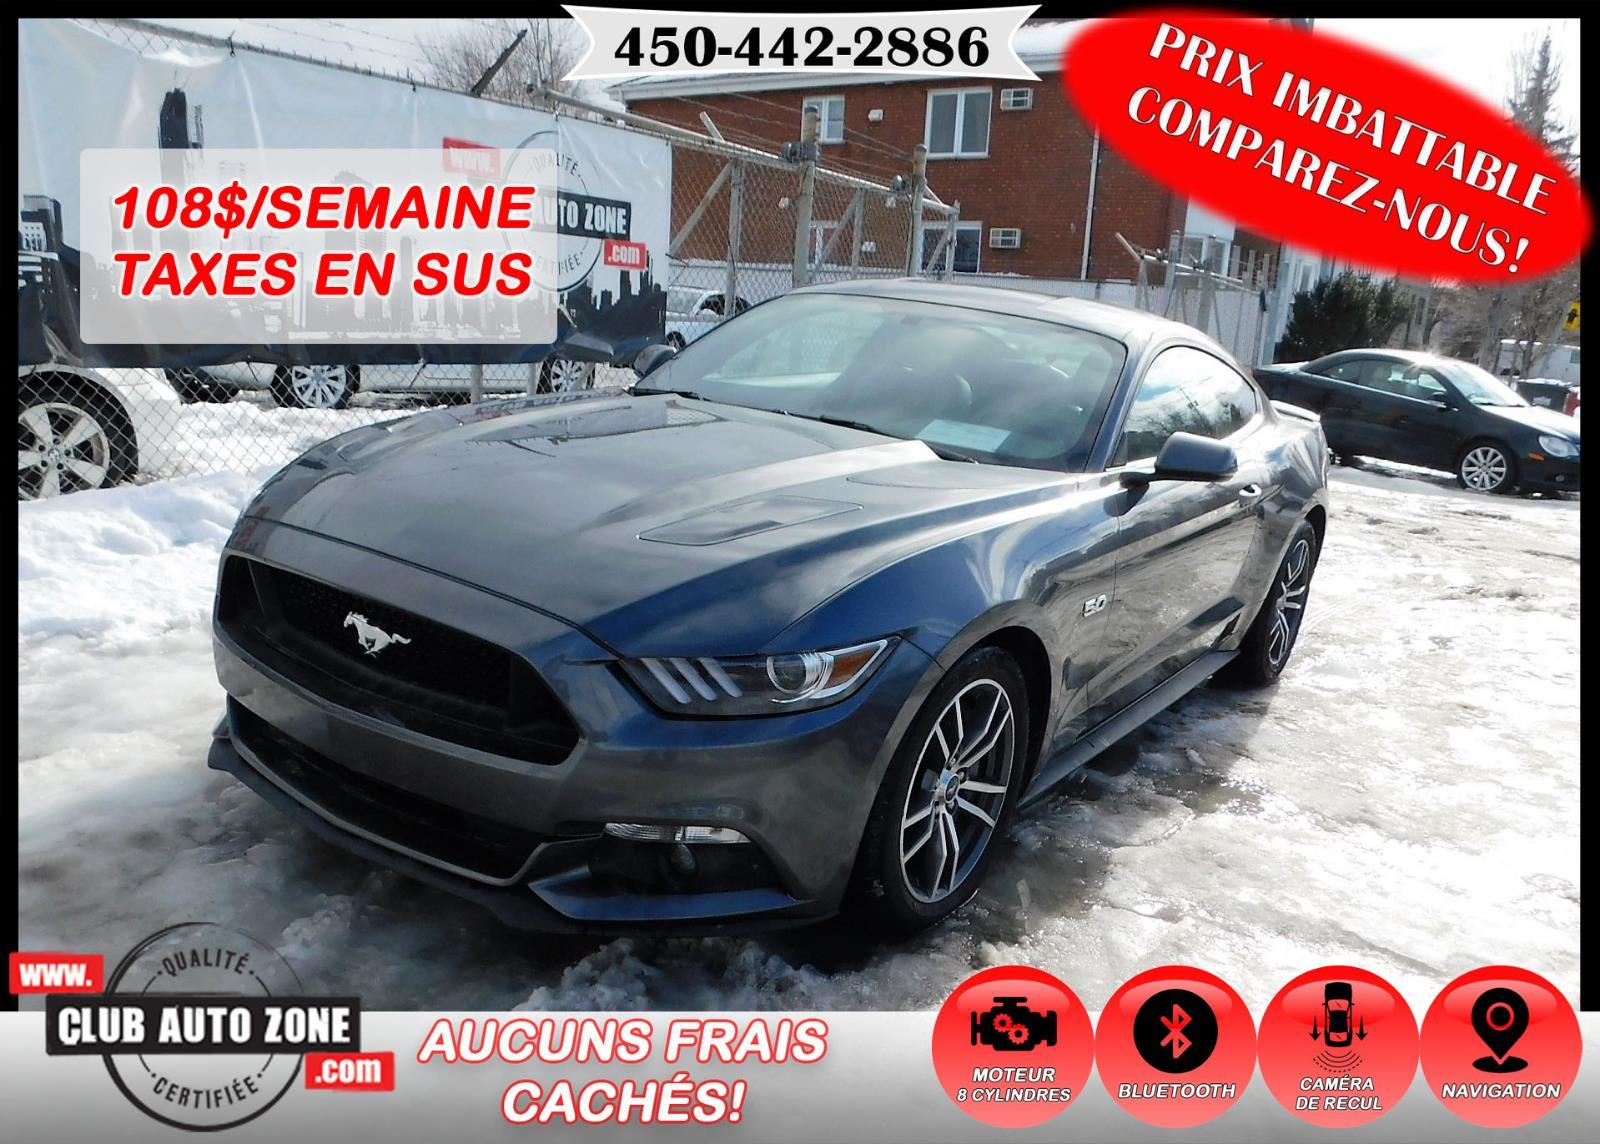 Ford Mustang 2017 GT 5.0 NAVIGATION CAMÉRA DE RECUL #H5317966